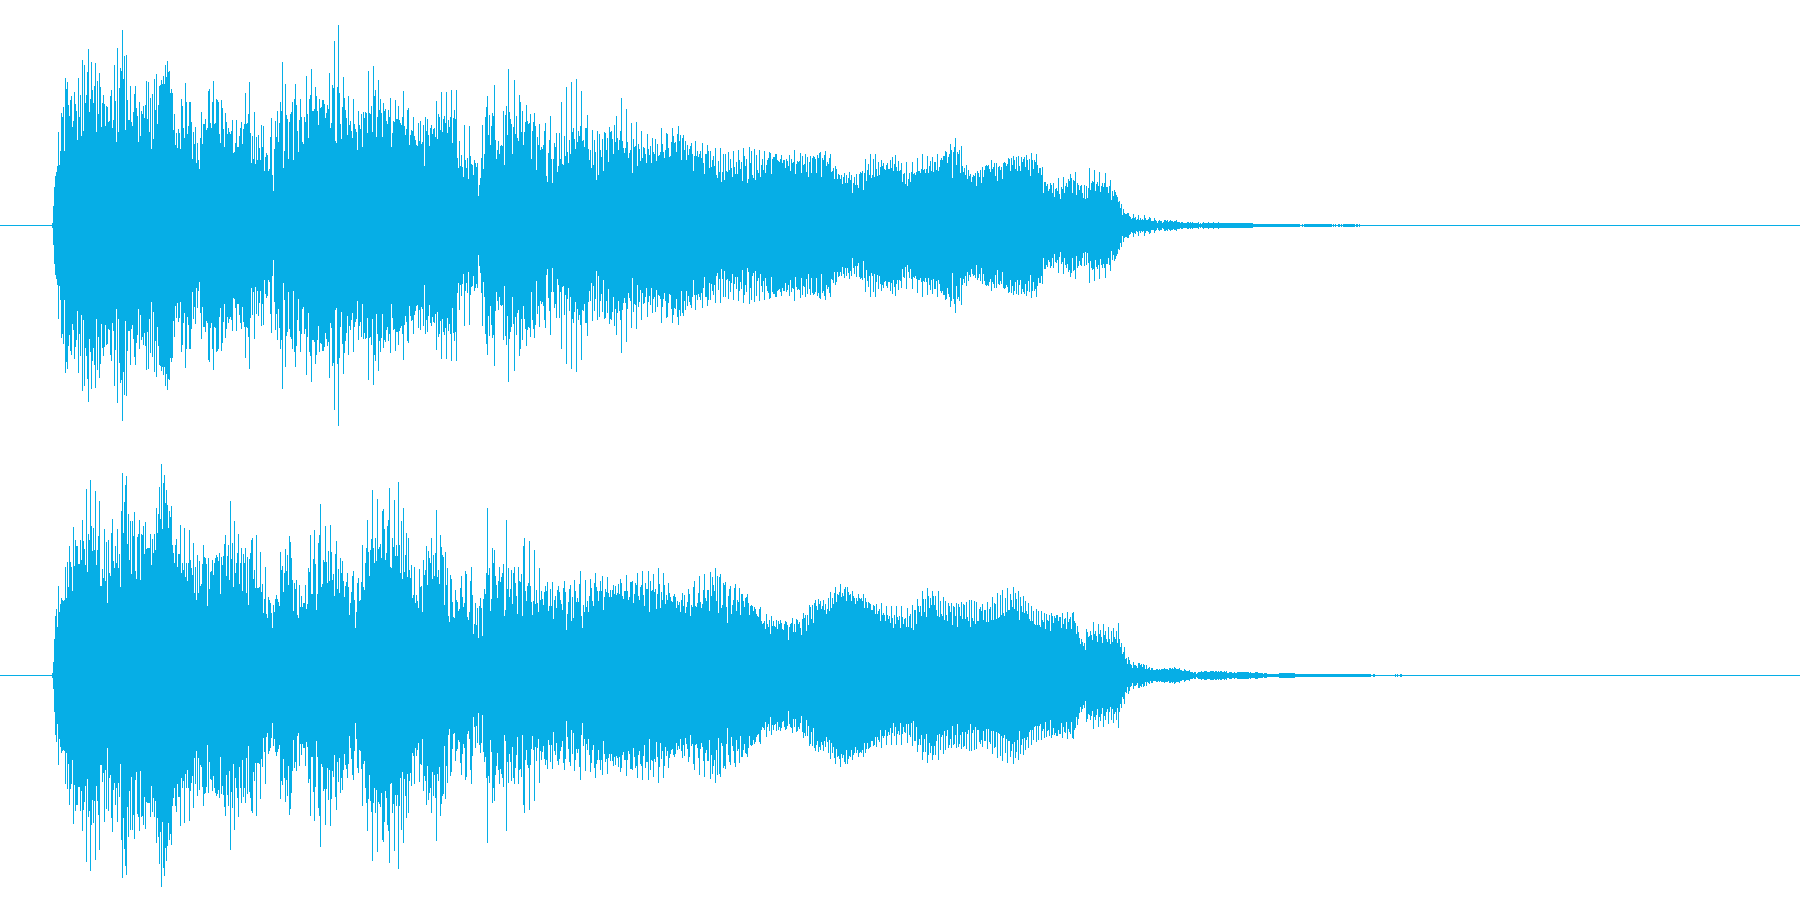 場面転換、ちょっとした演出用のジングルの再生済みの波形